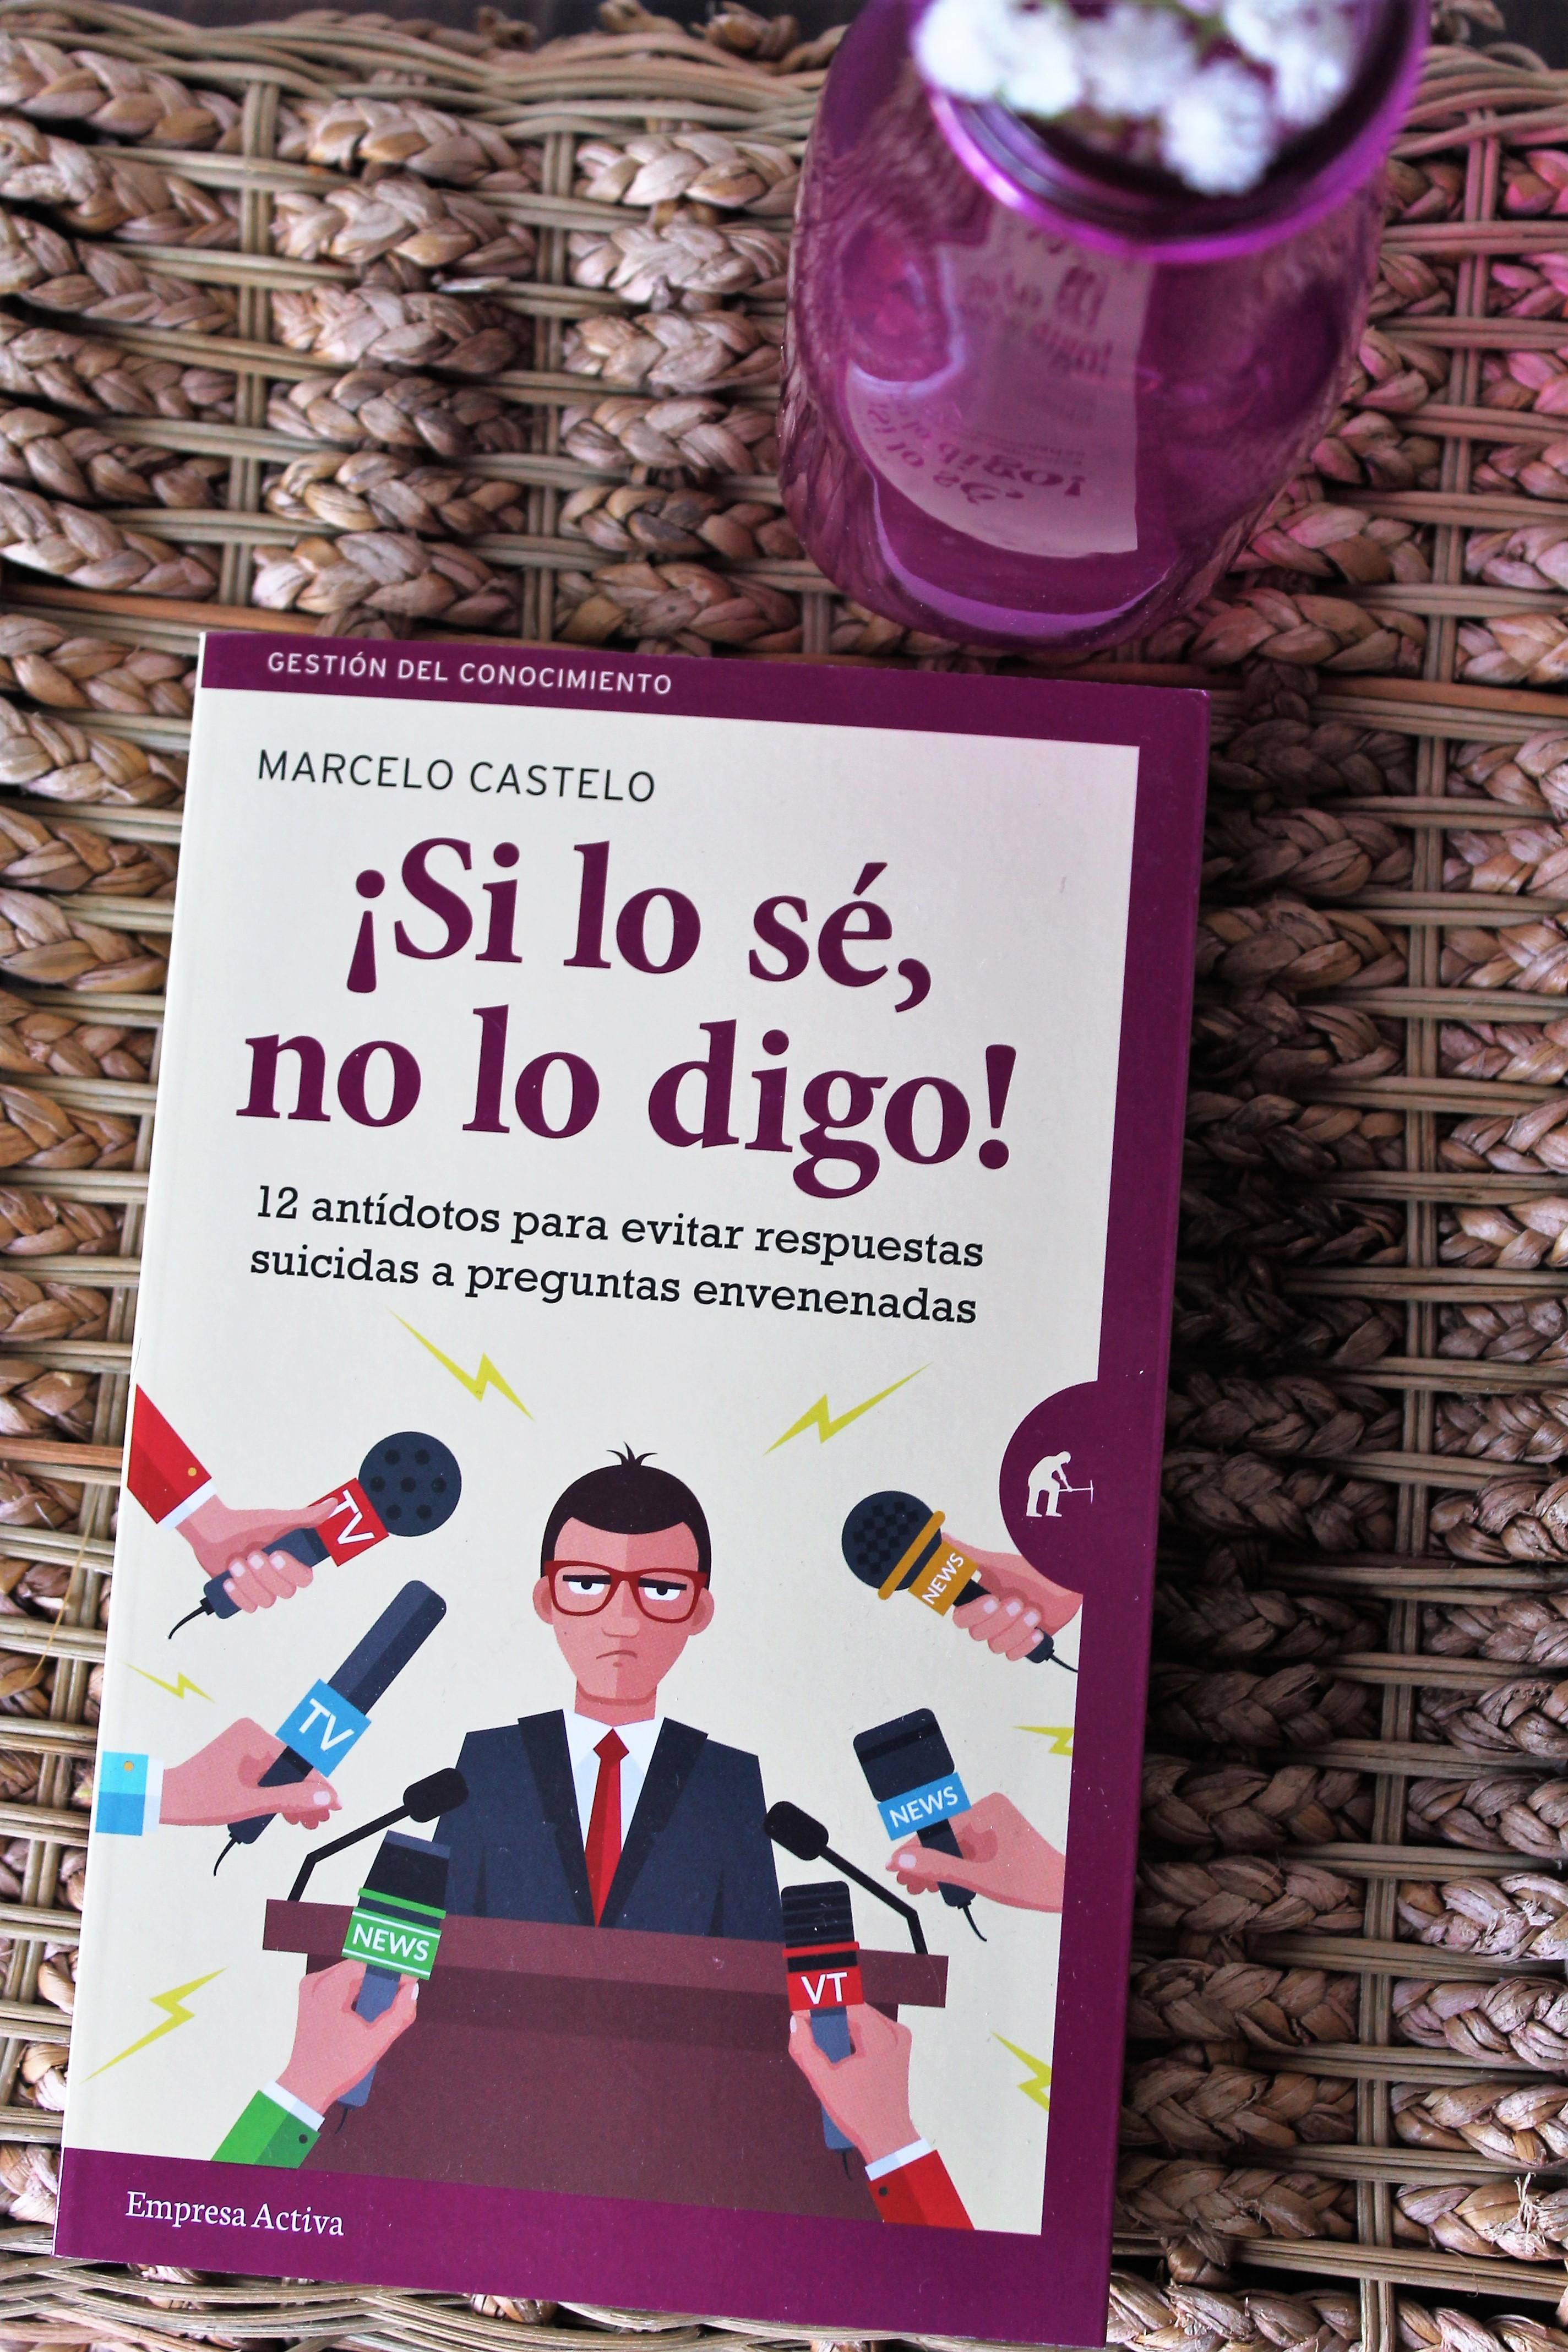 !Si lo sé, no lo digo! – Marcelo Castelo